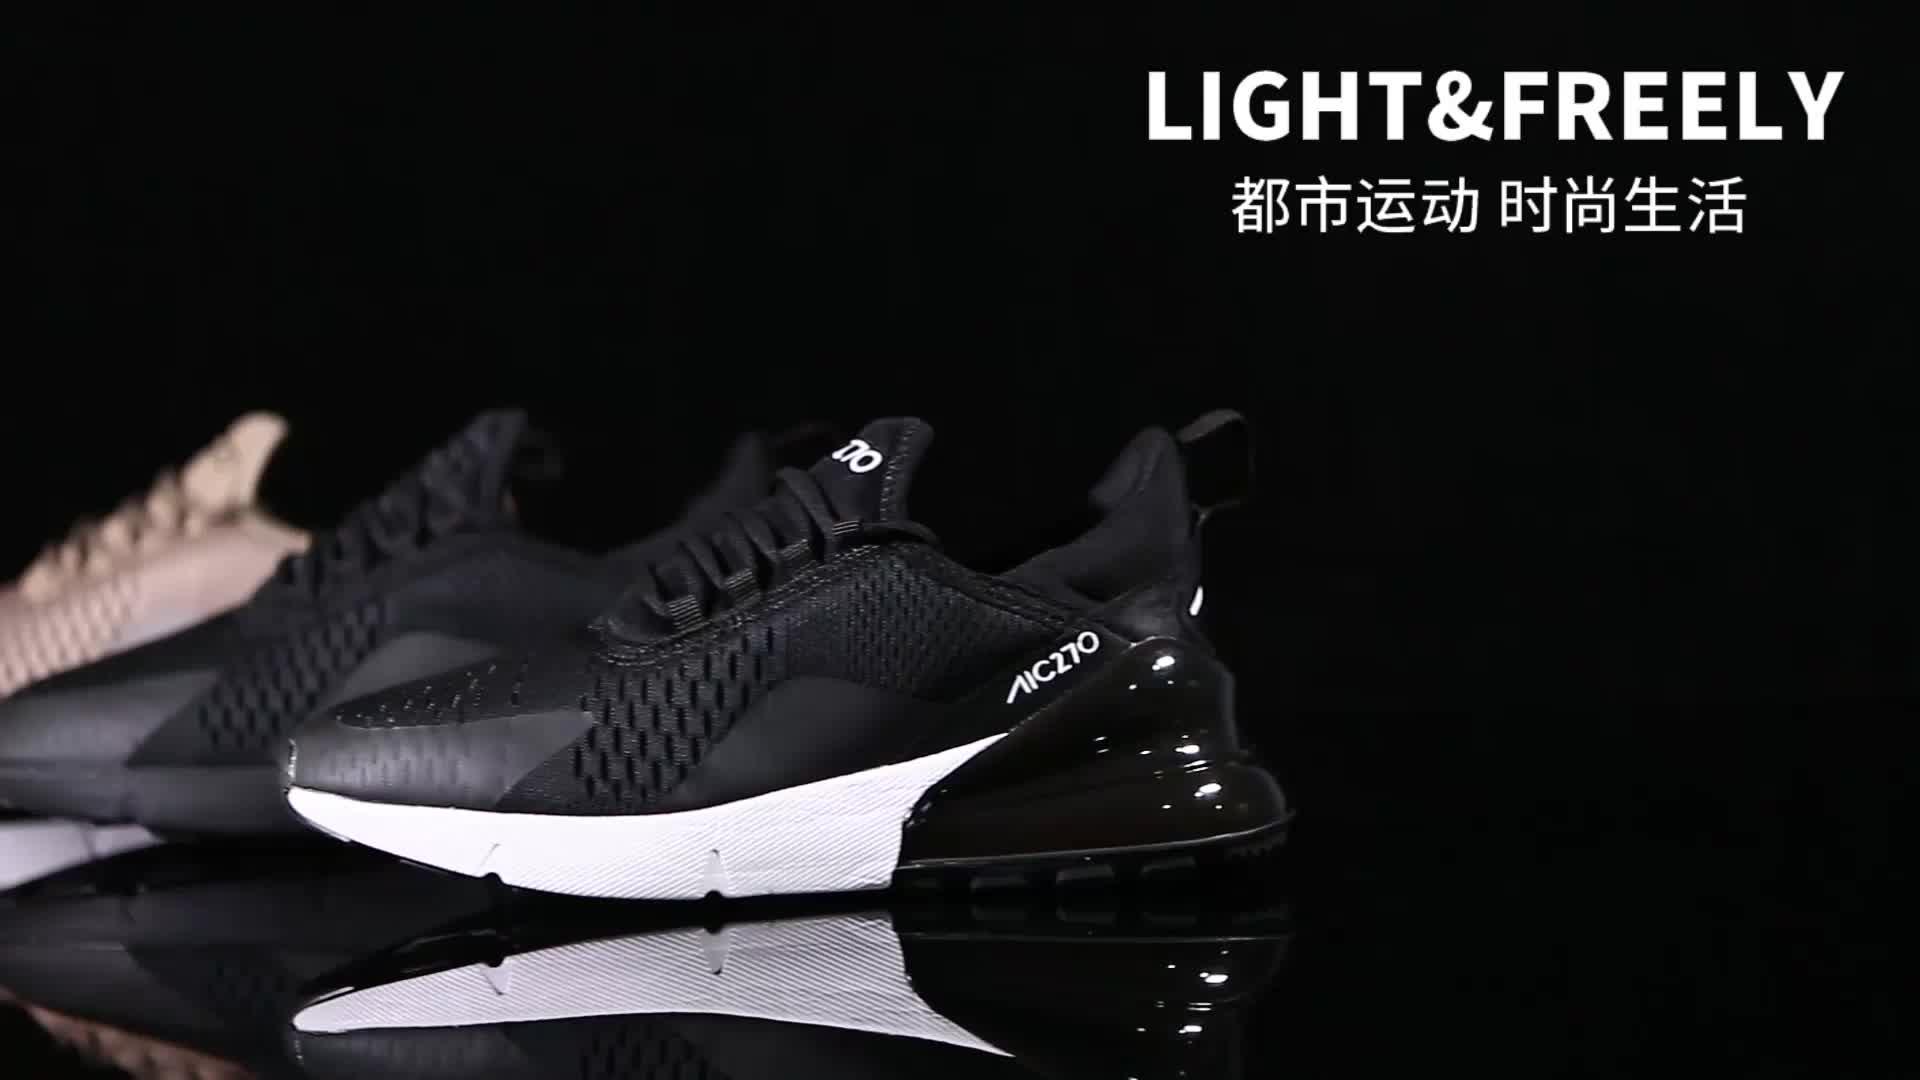 Moda Ucuz erkek ayakkabısı Sneakers Casual Homme, Özel Ayakkabı Erkekler Için Ayakkabı Spor, Marka Moda Hava spor ayakkabılar Erkek Spor Ayakkabı